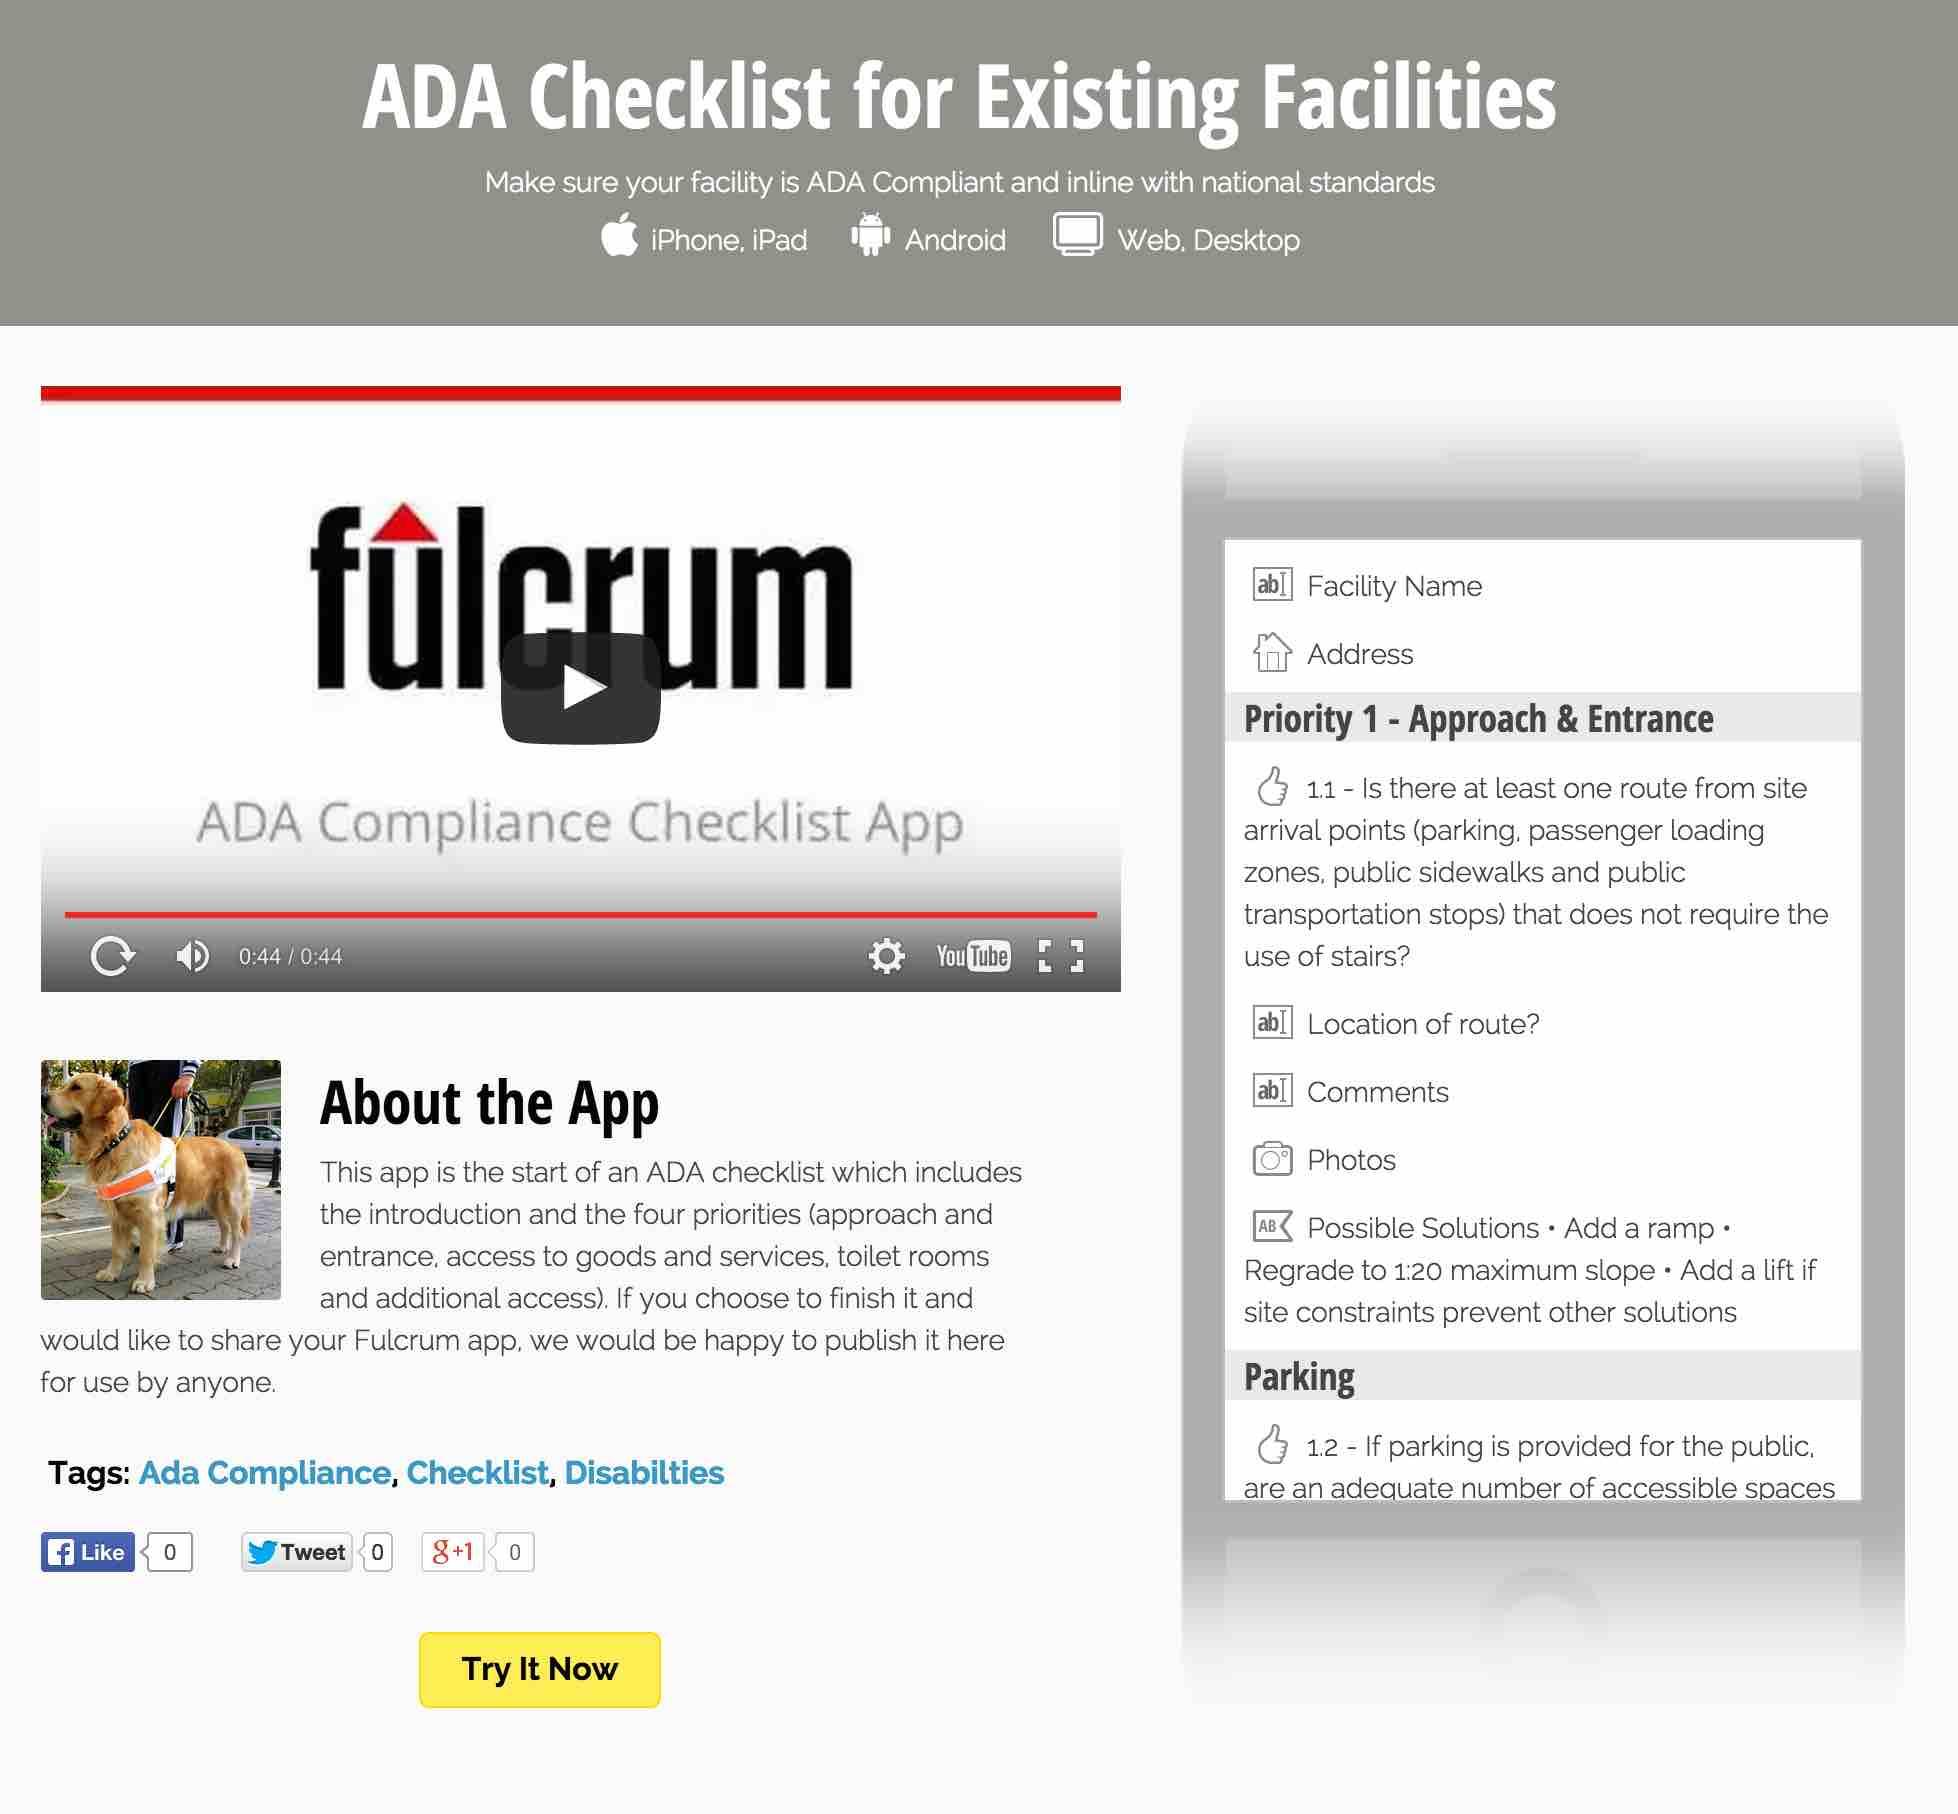 Fulcrum App Builder